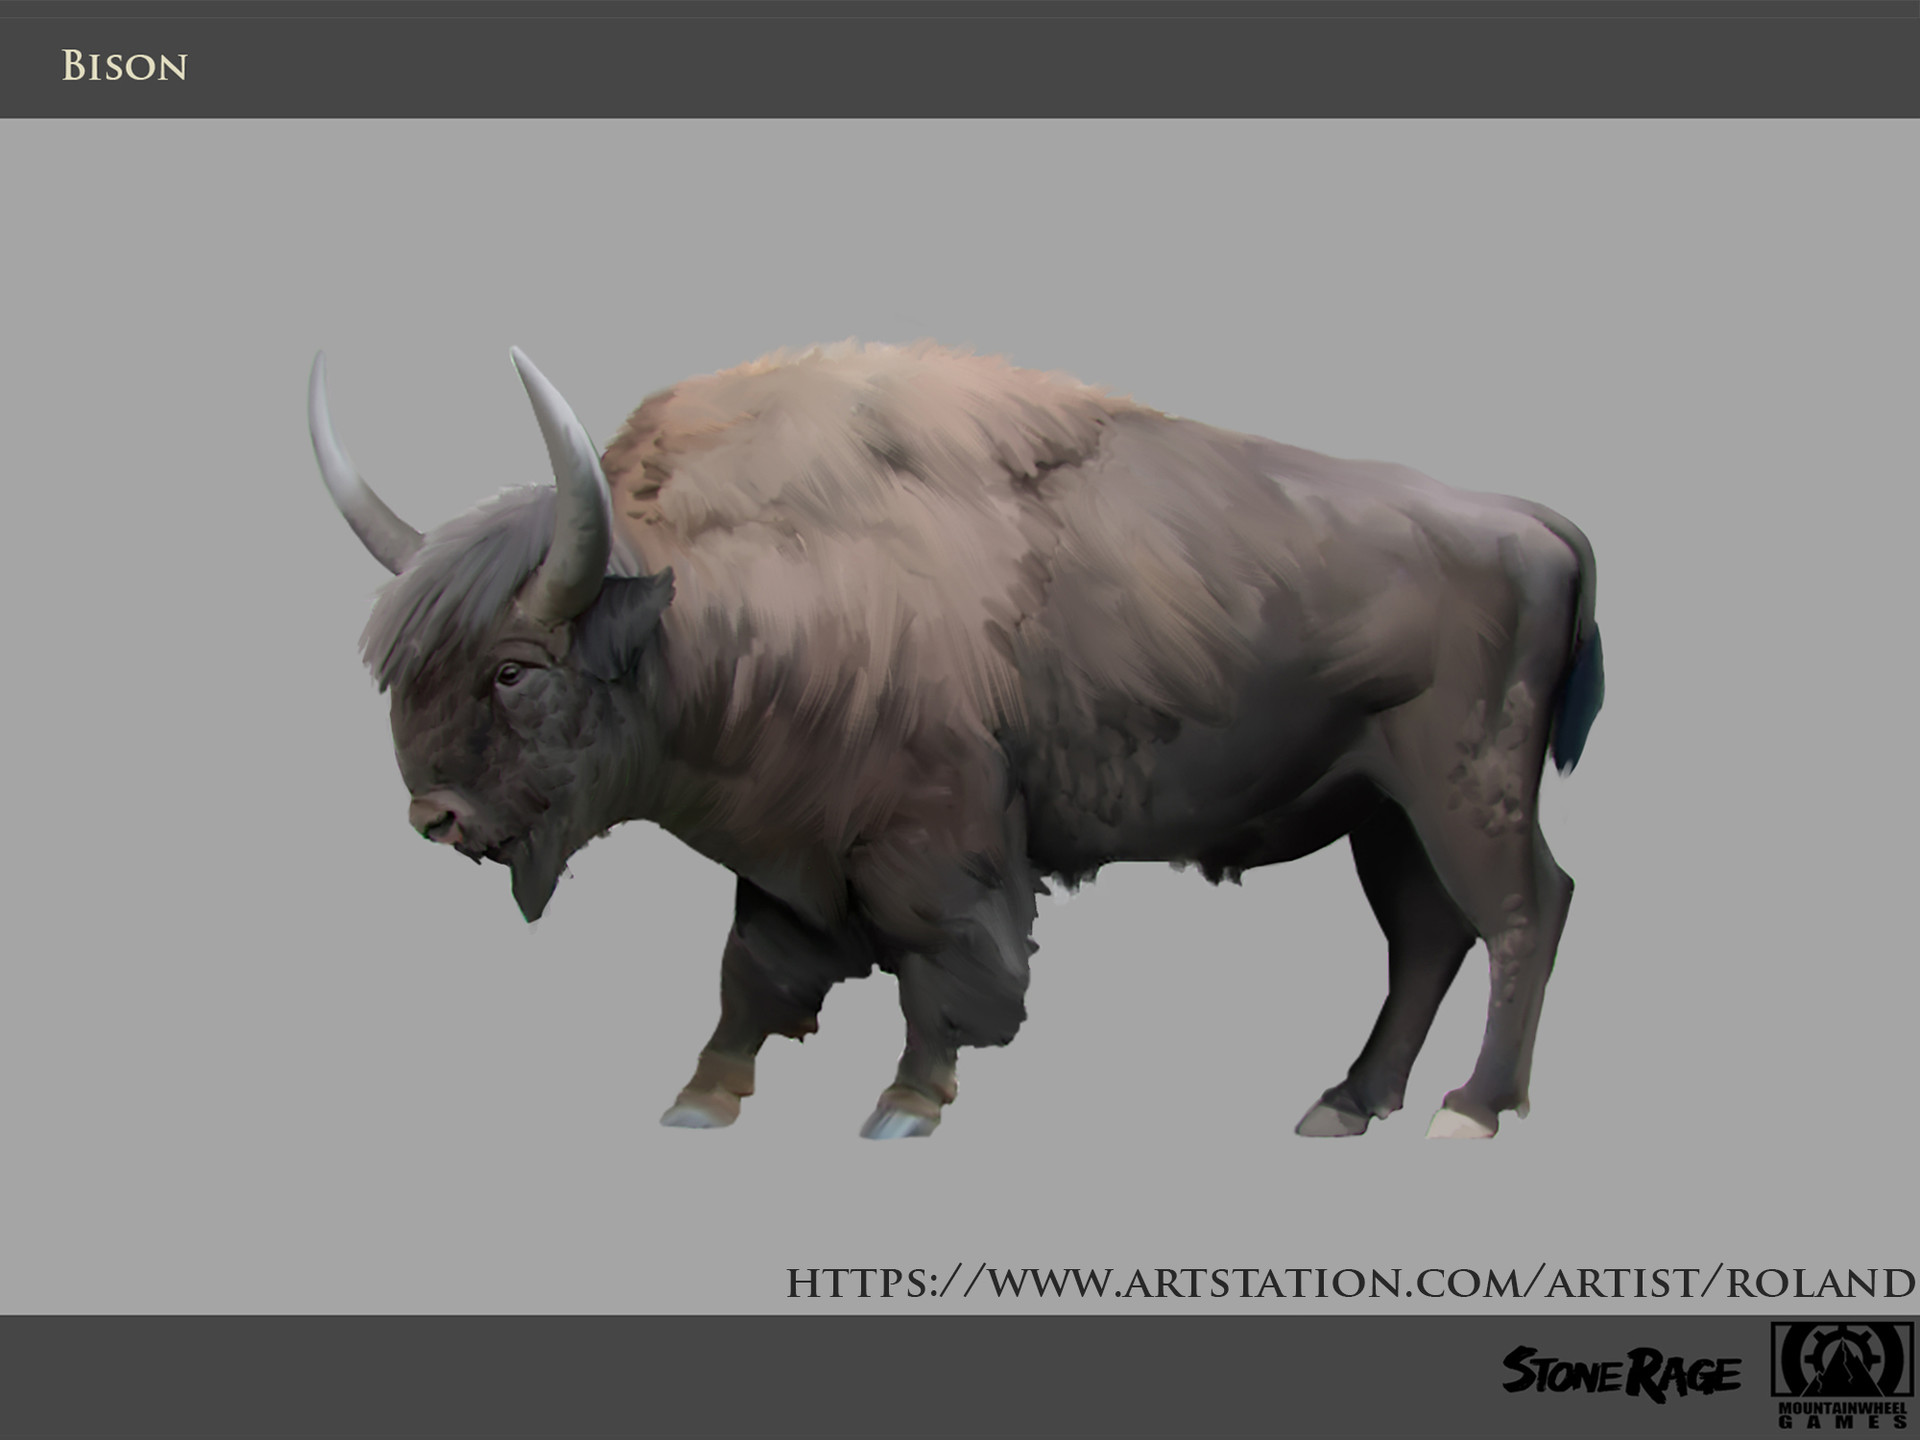 Lucaciu roland sr bison sta